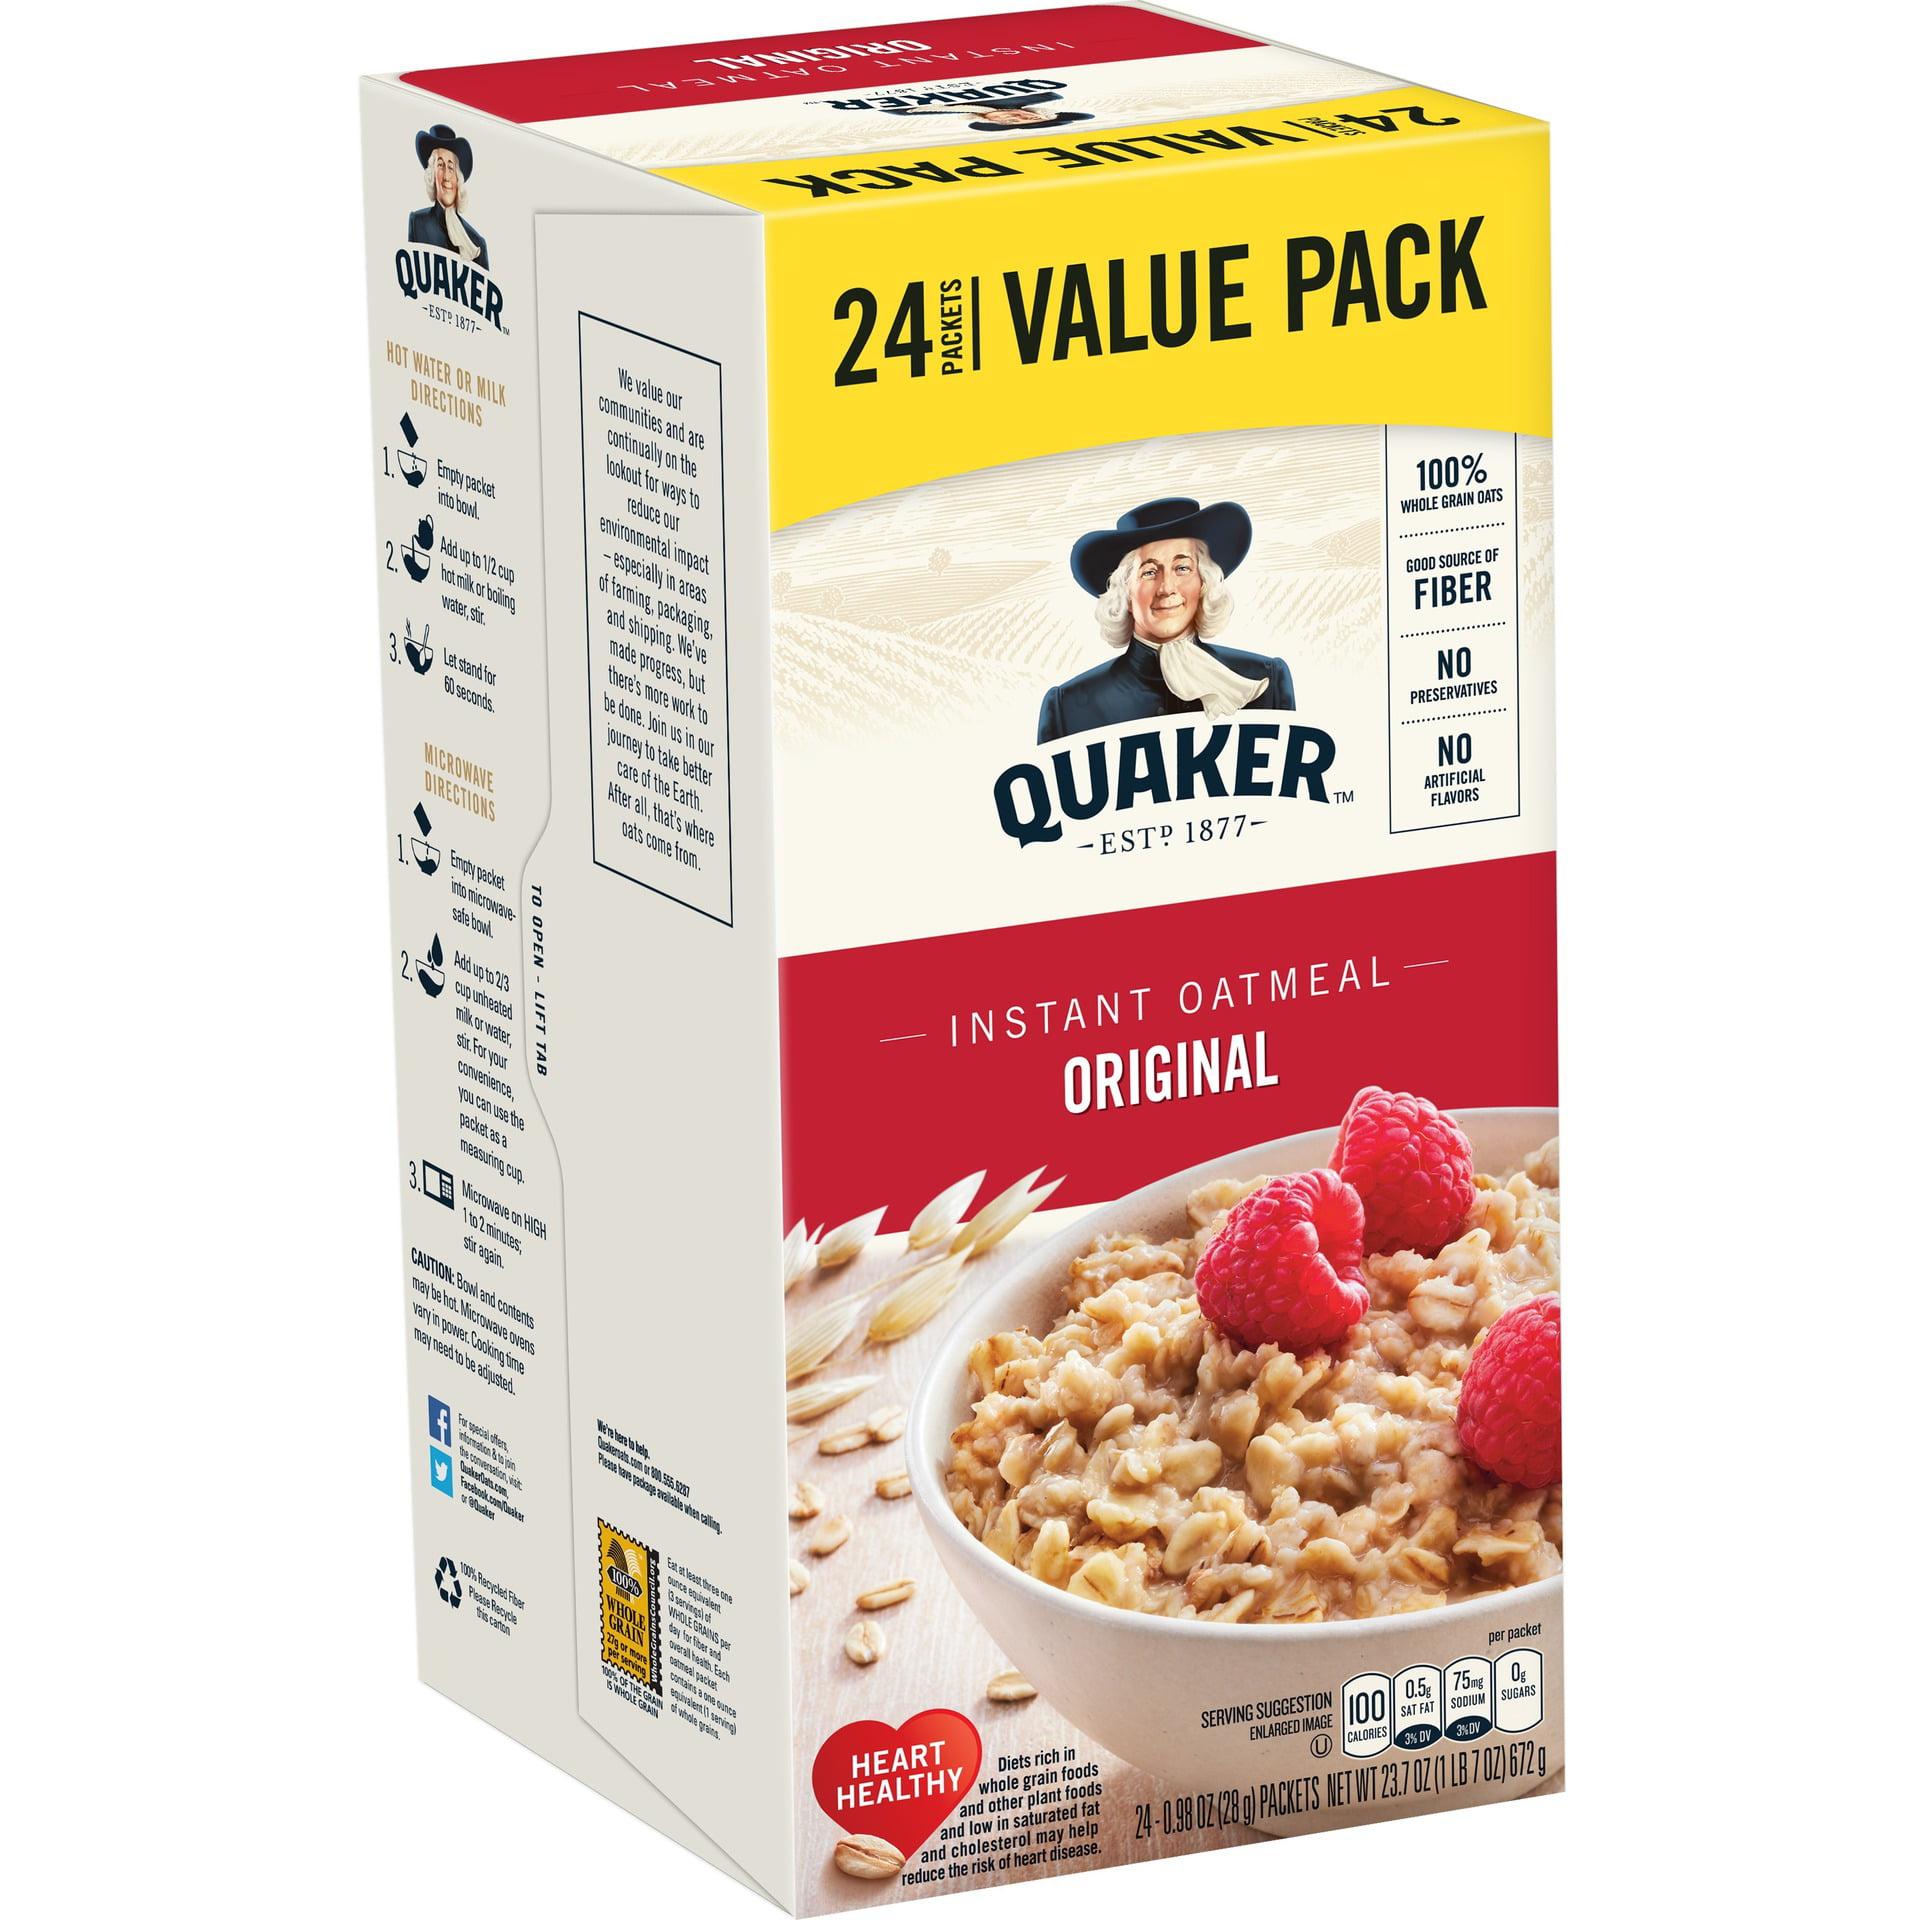 Quaker Instant Oatmeal, Original, Value